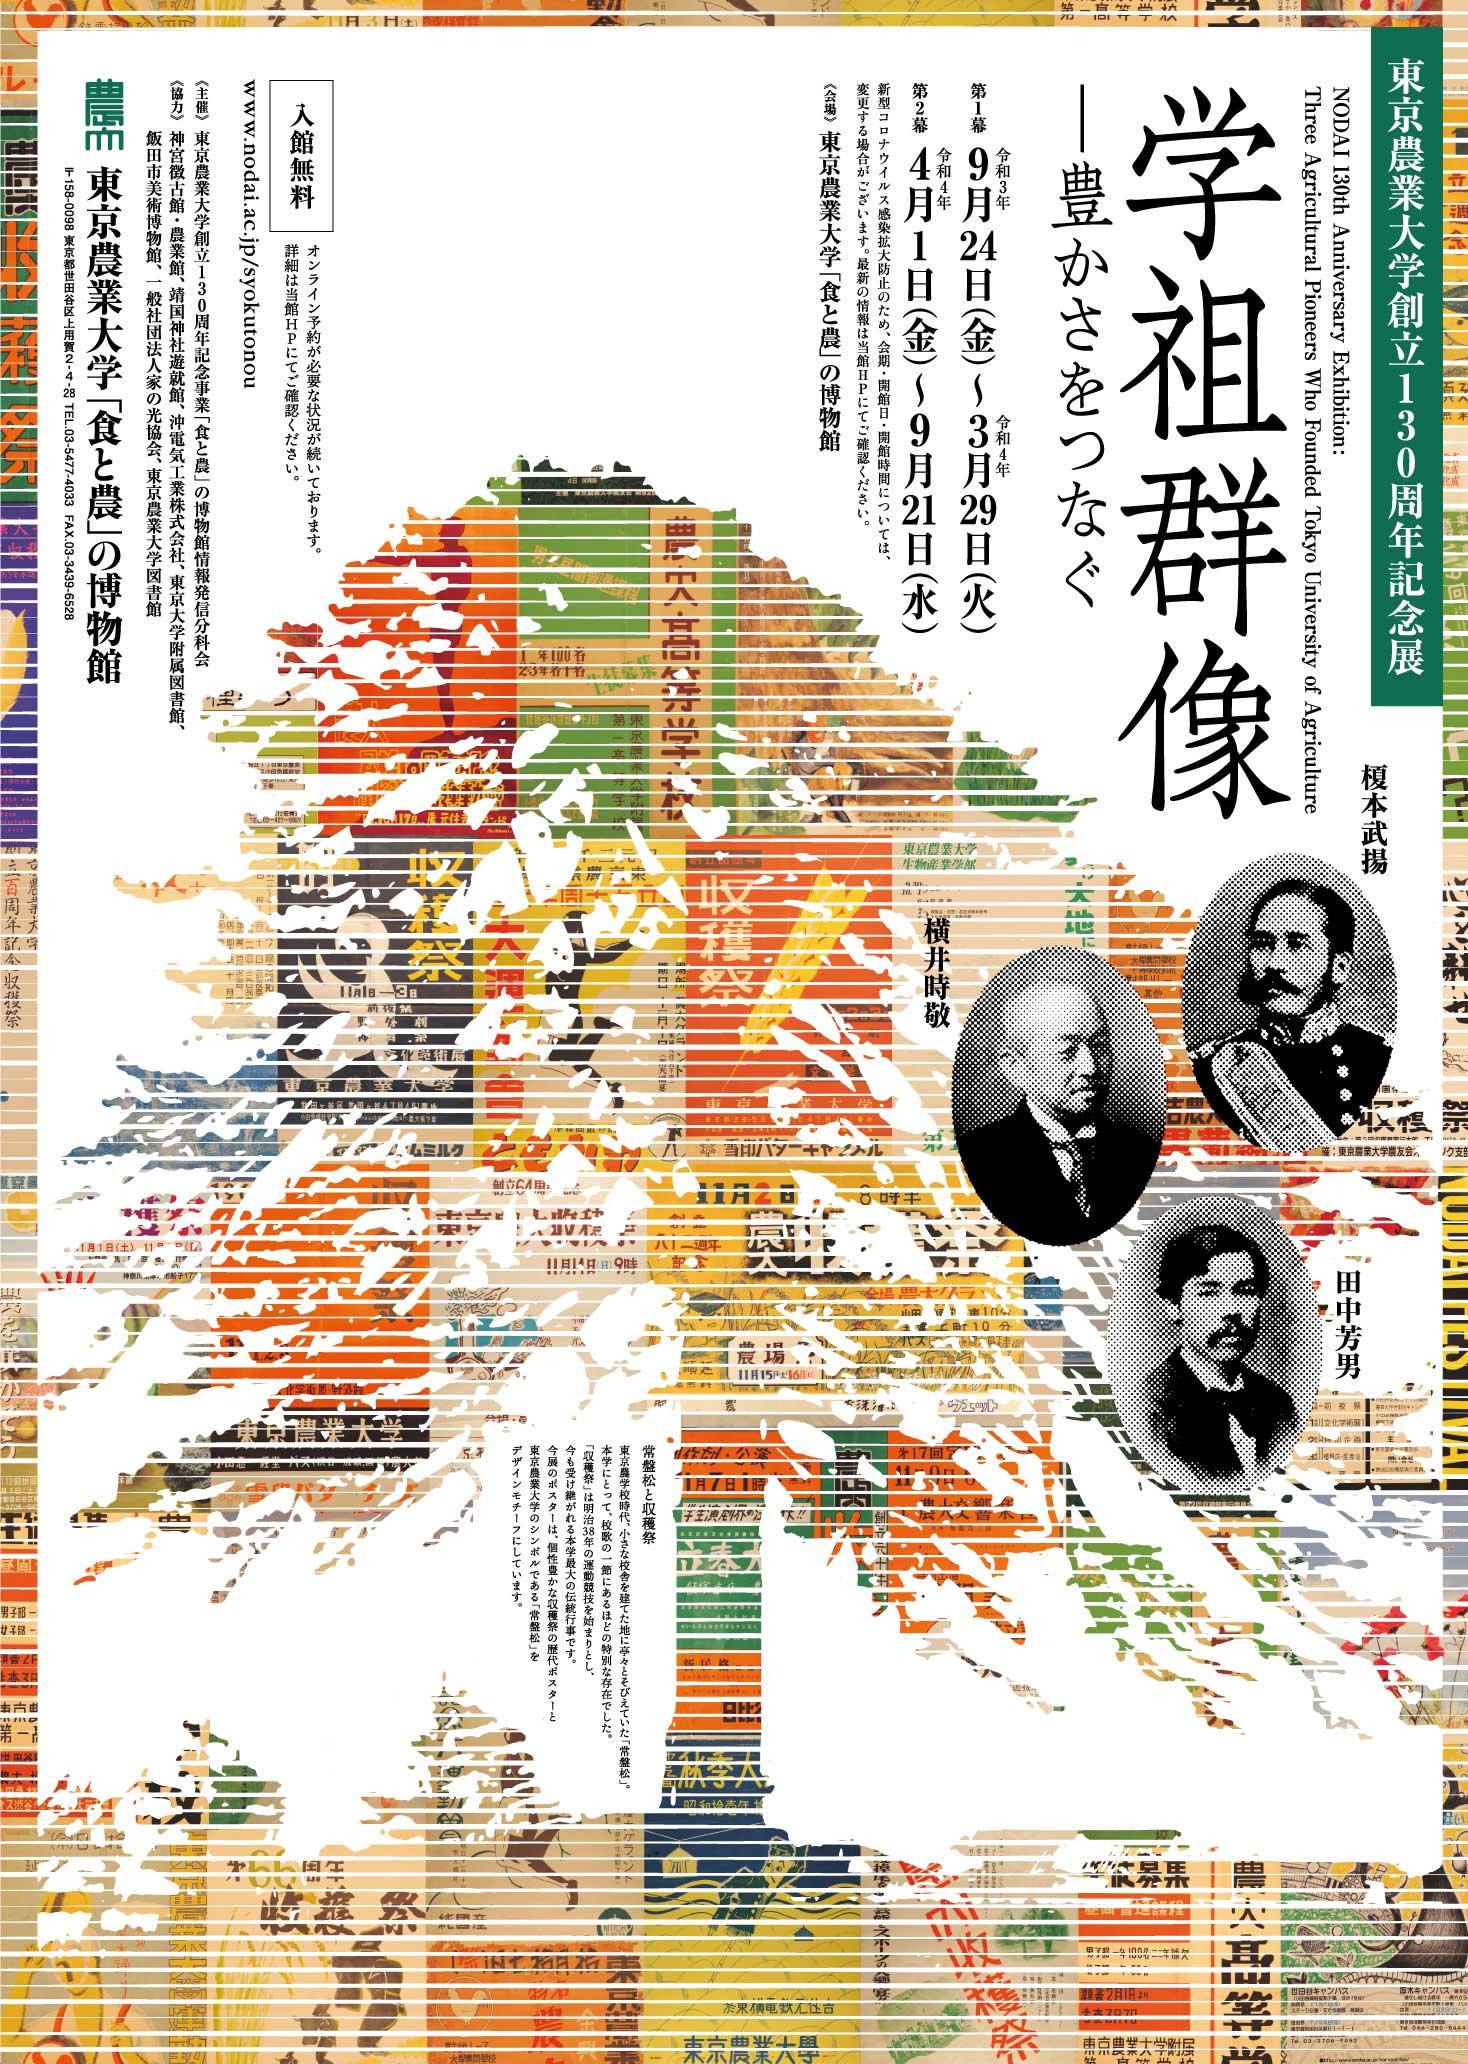 東京農業大学創立130周年記念展「学祖群像―豊かさをつなぐ」